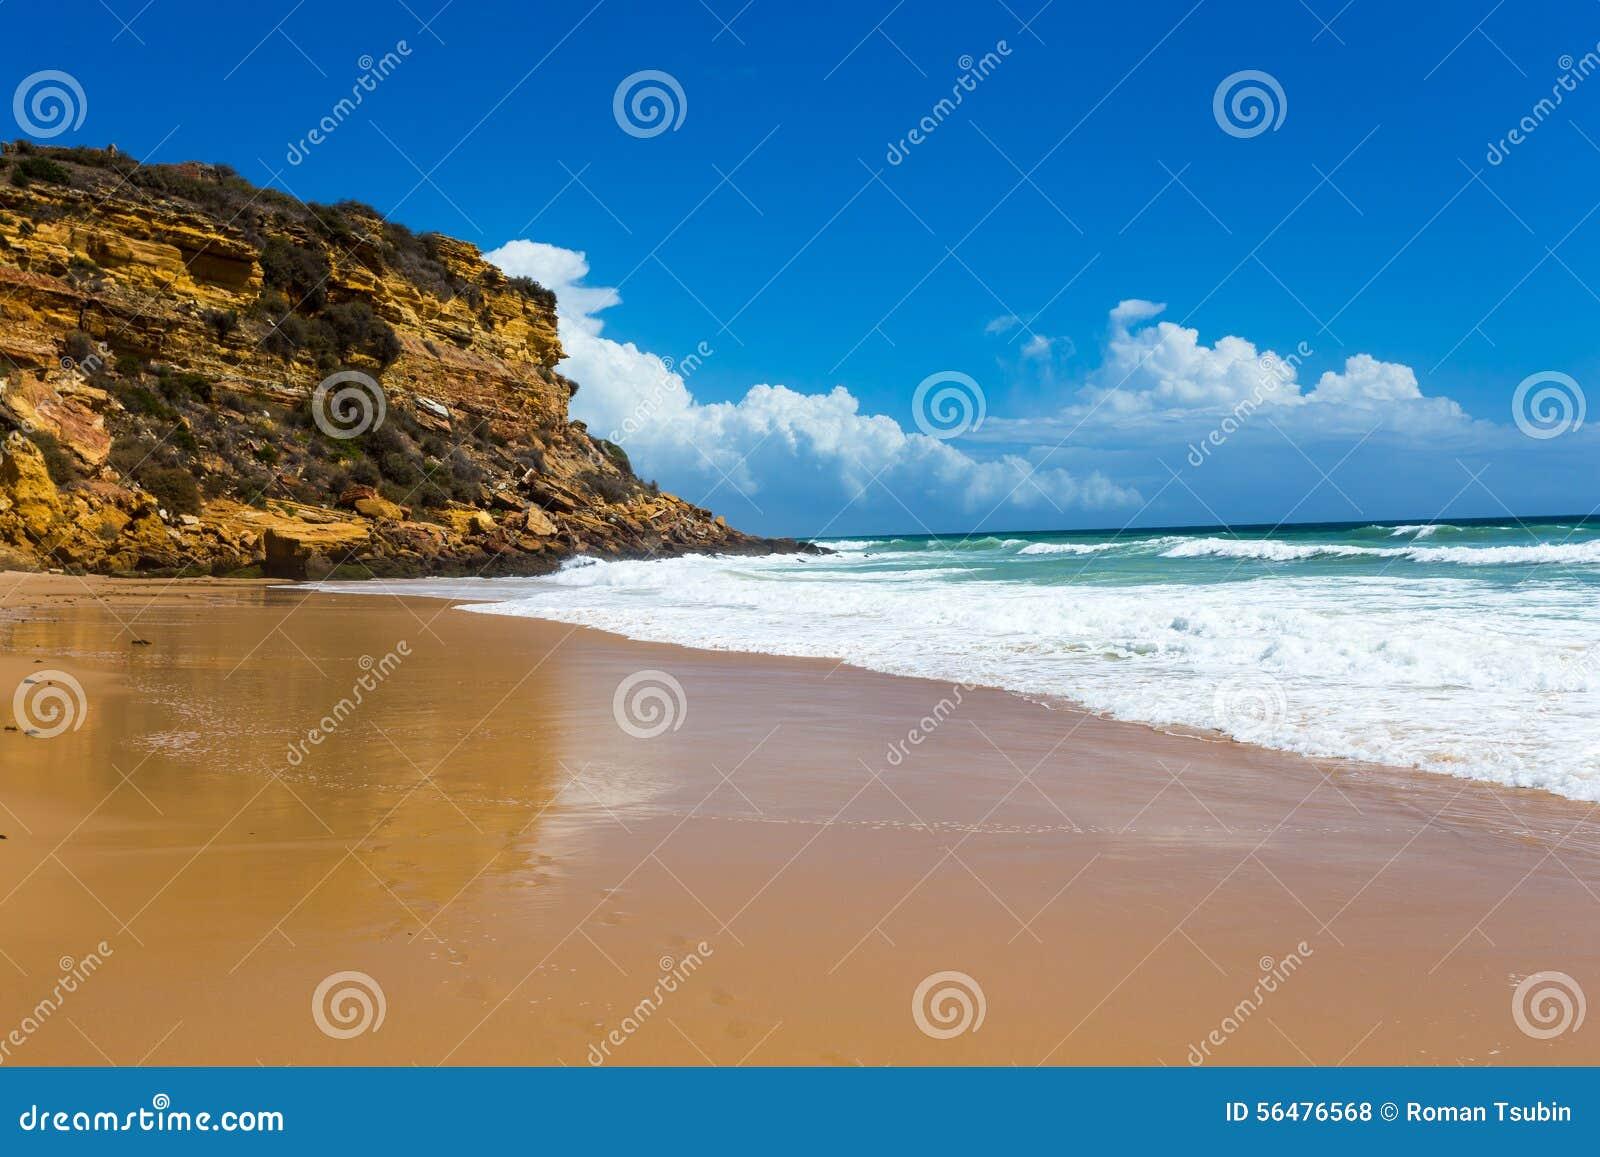 Rétro style de vague tropicale de plage